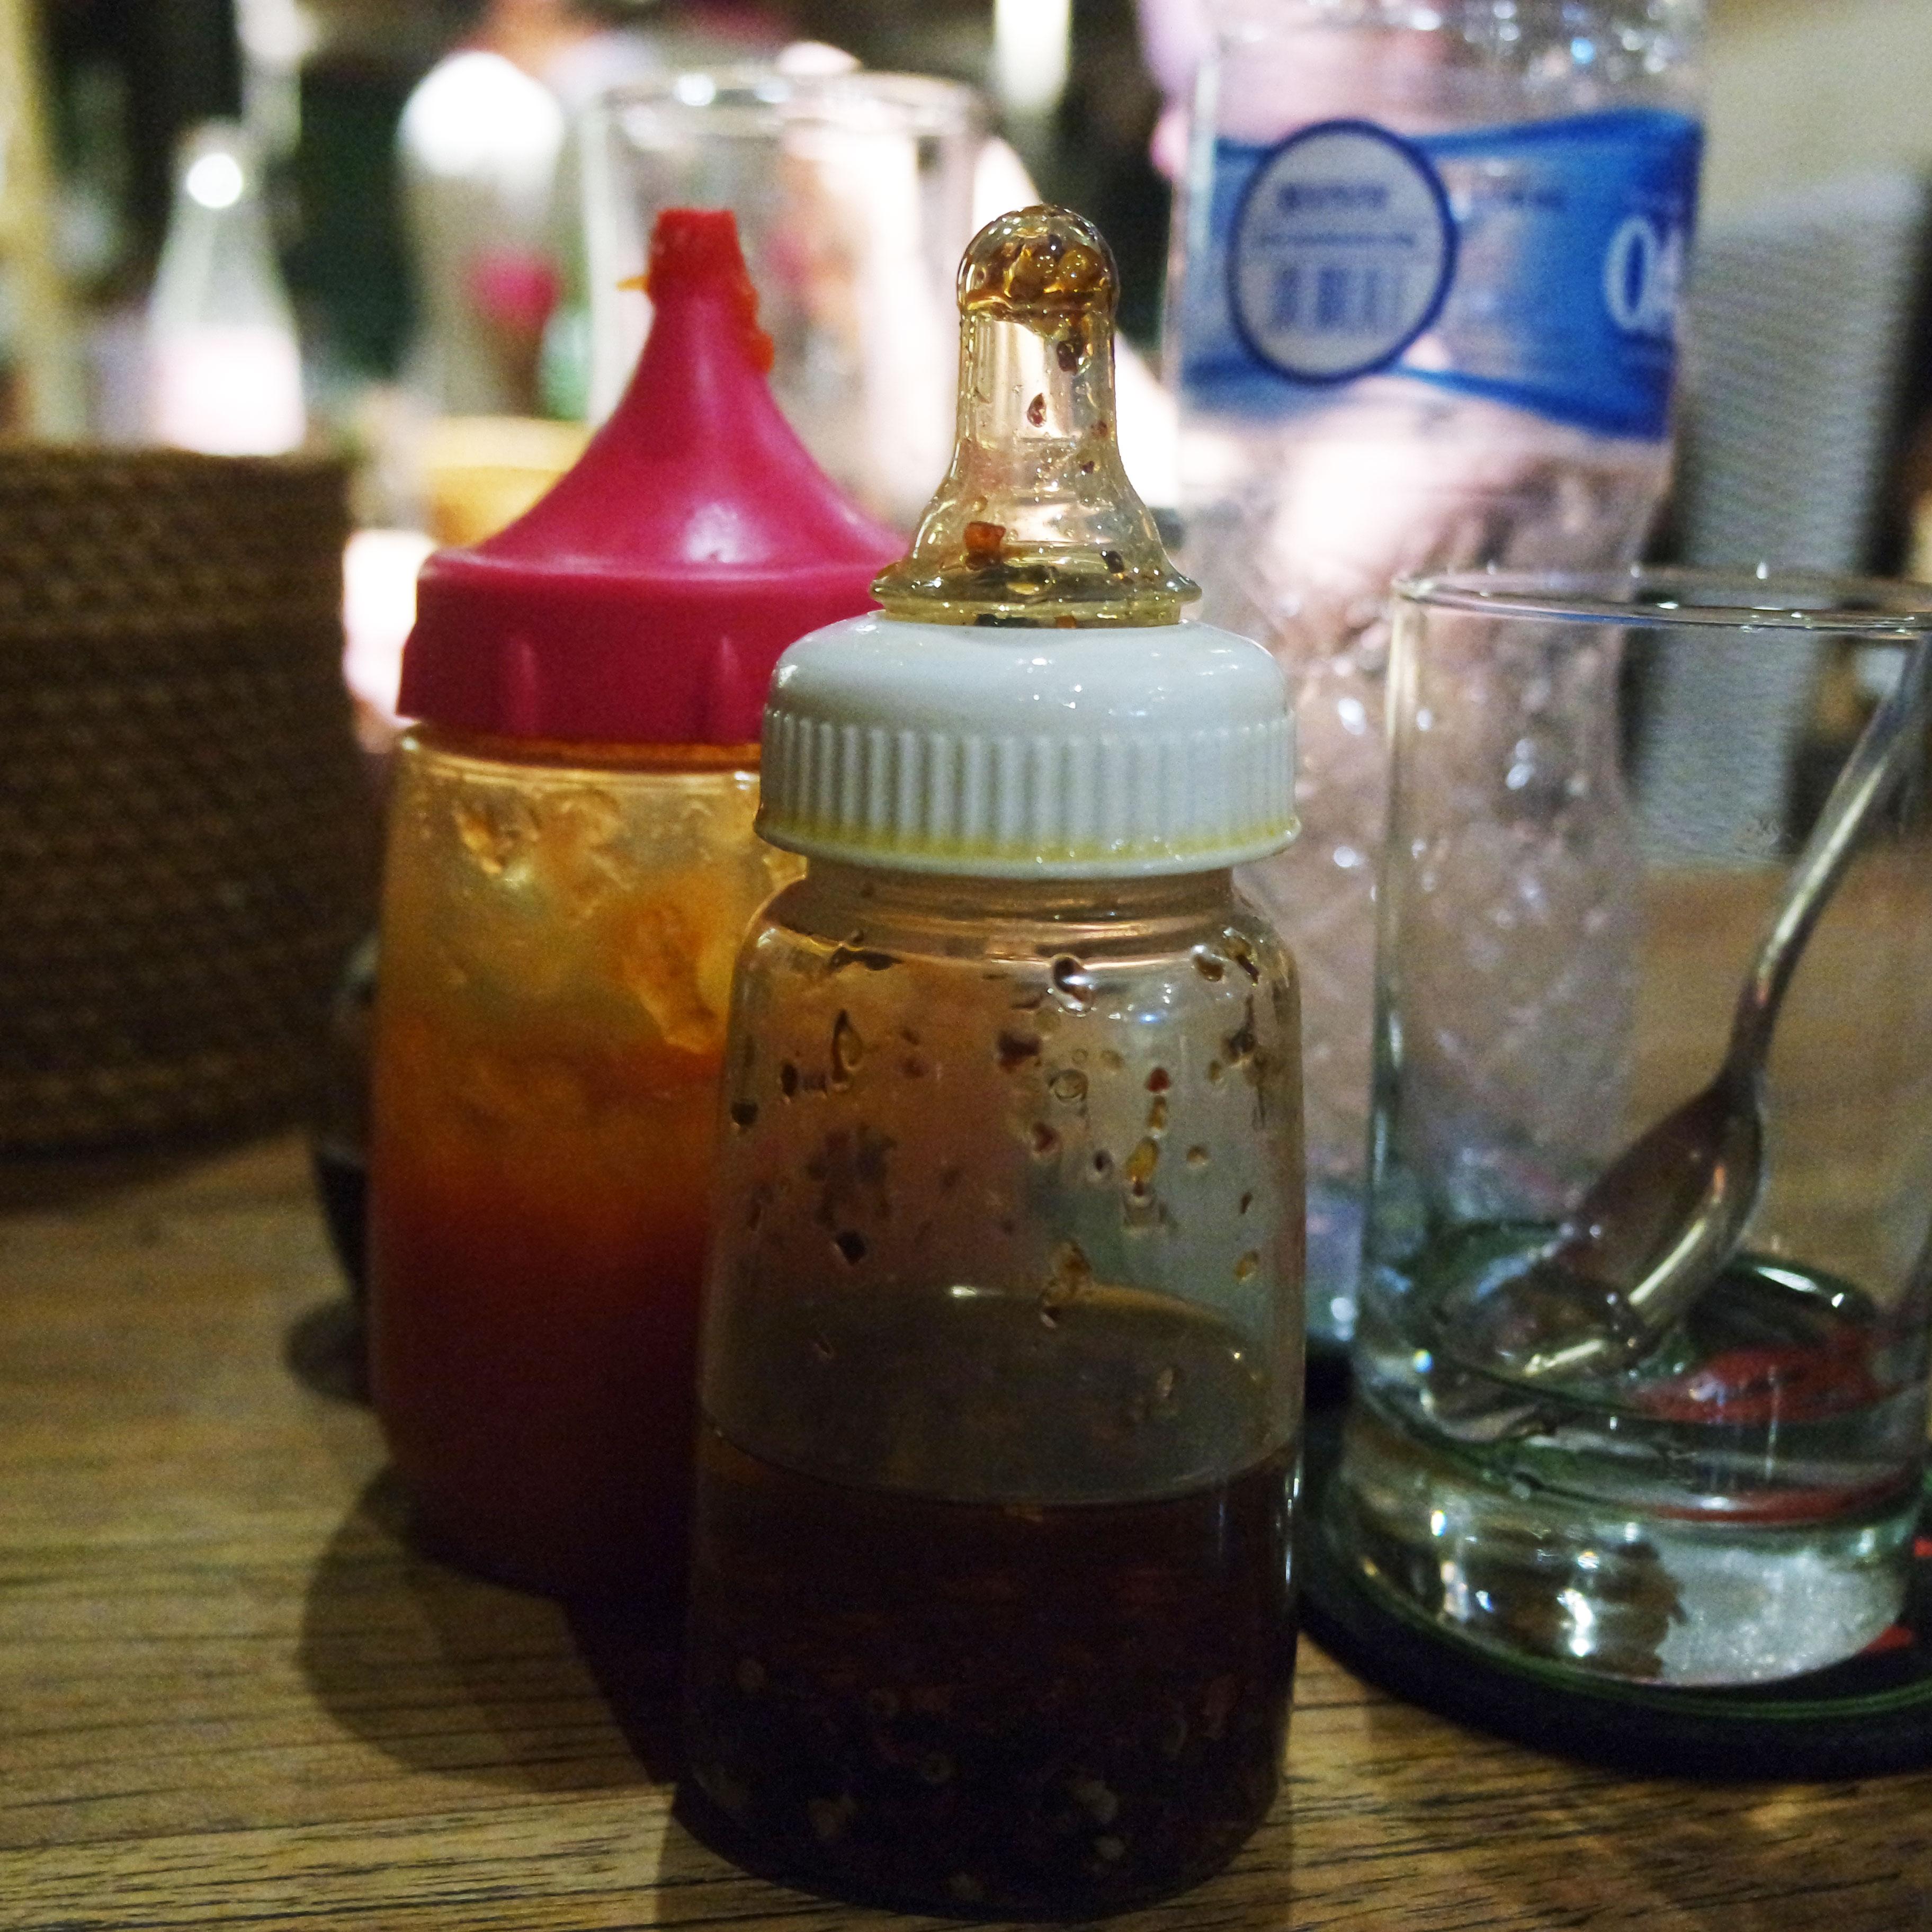 ubud-warung-pizza-bali-restaurant-pas-cher